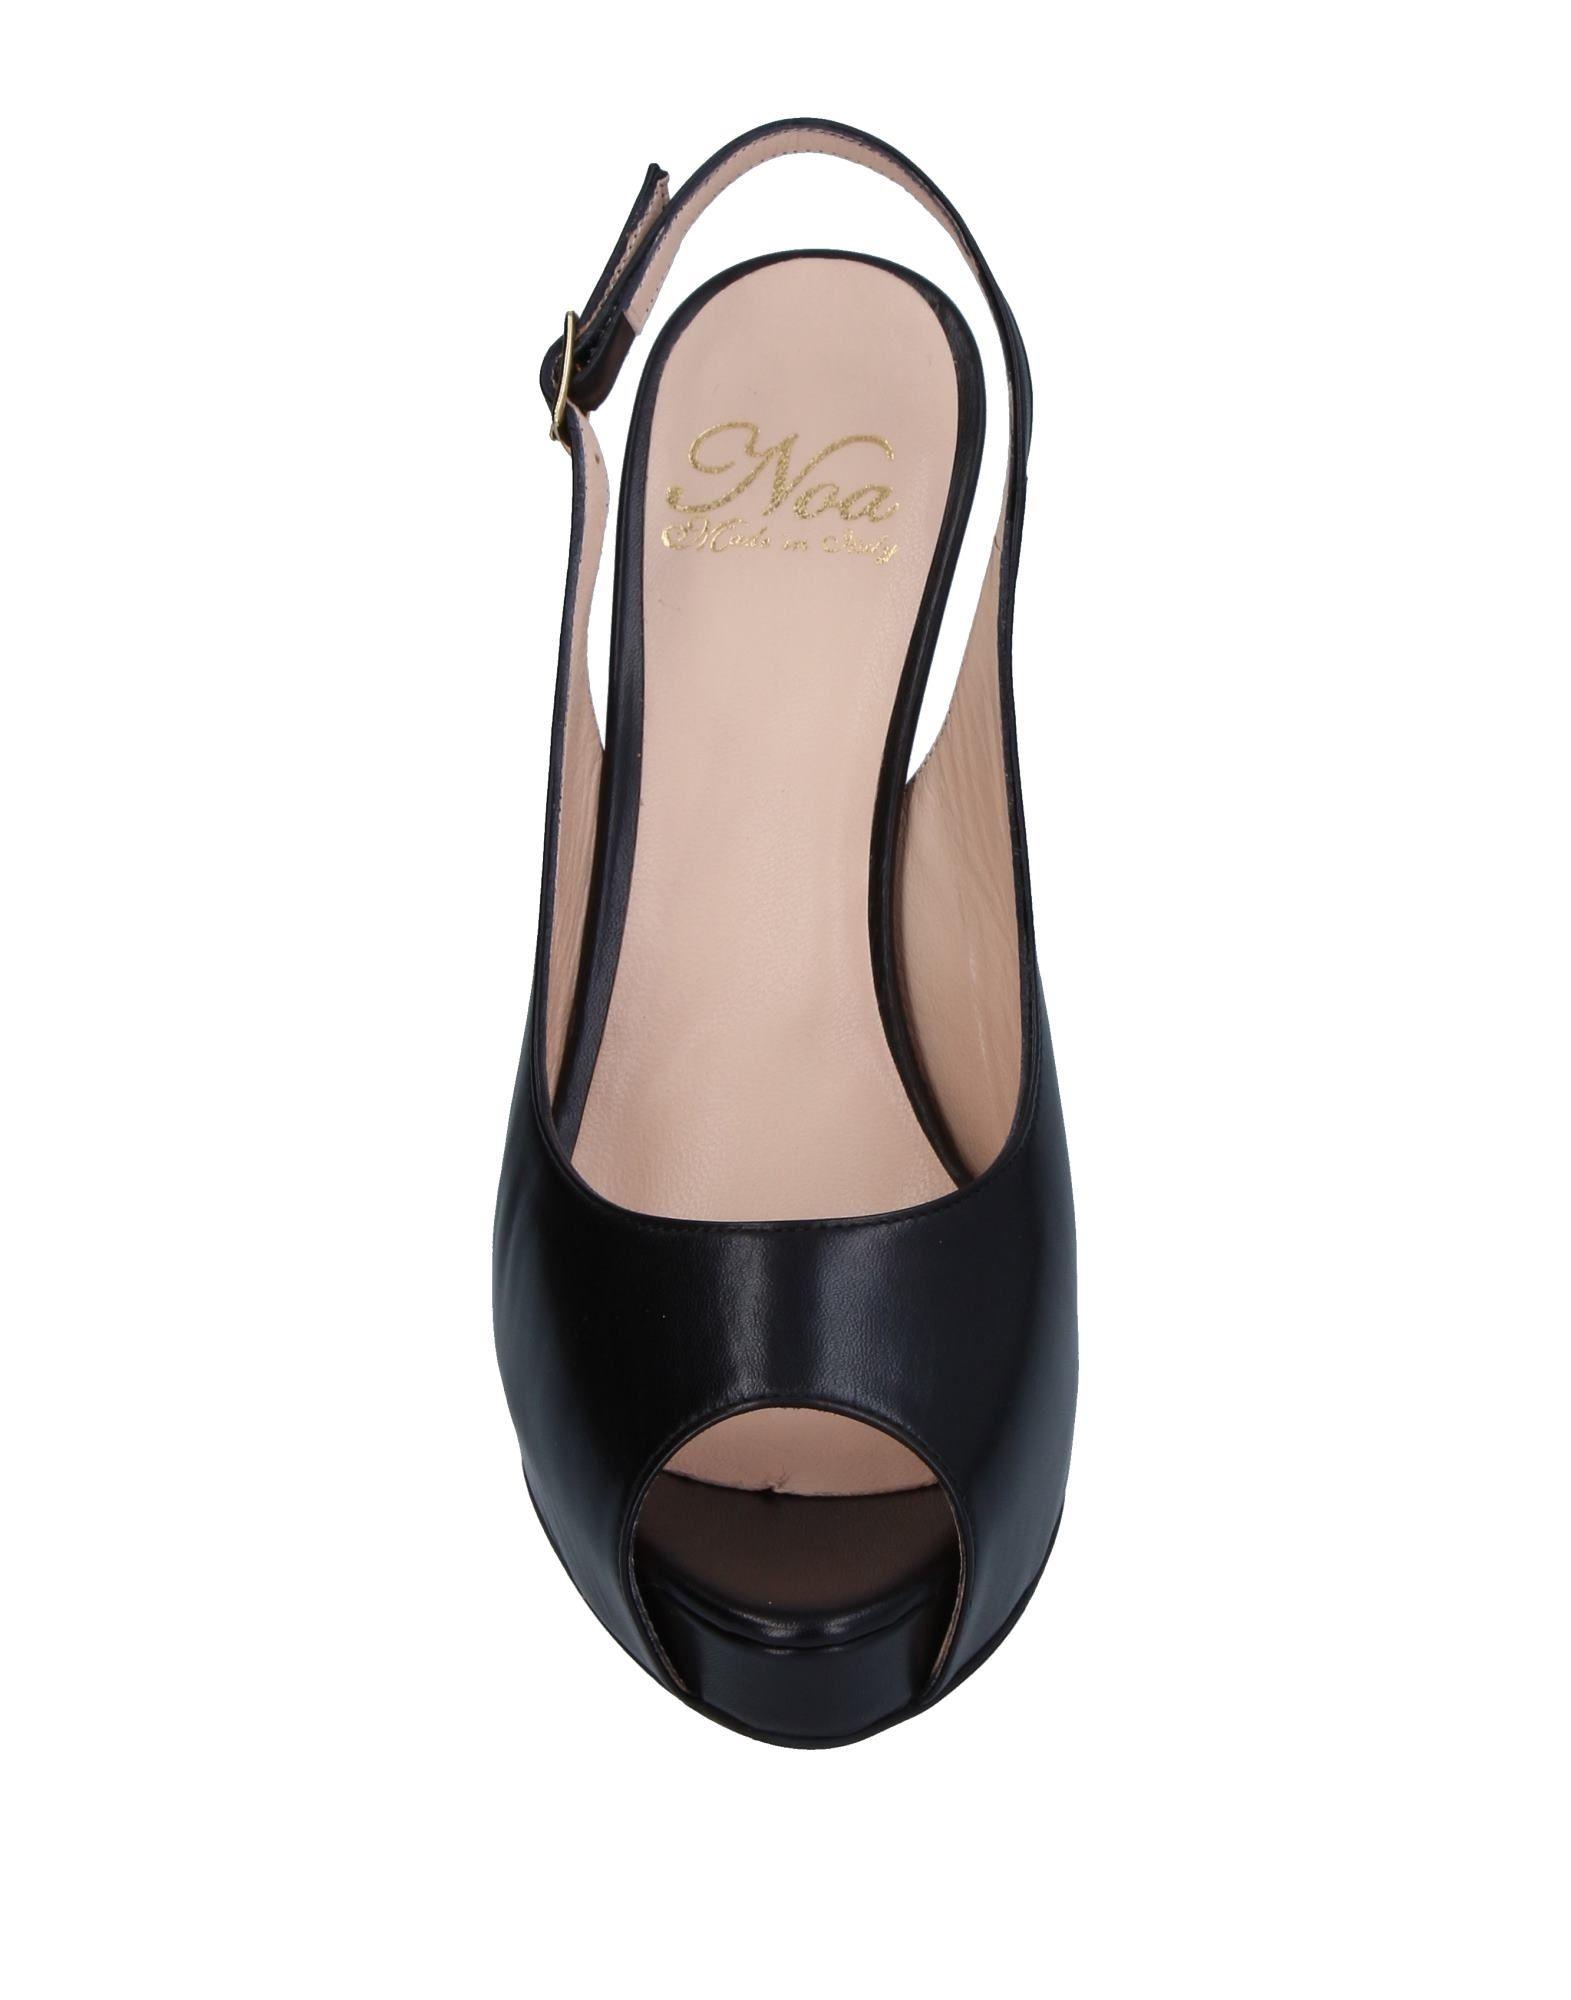 Sandales Noa Femme - Sandales Noa sur